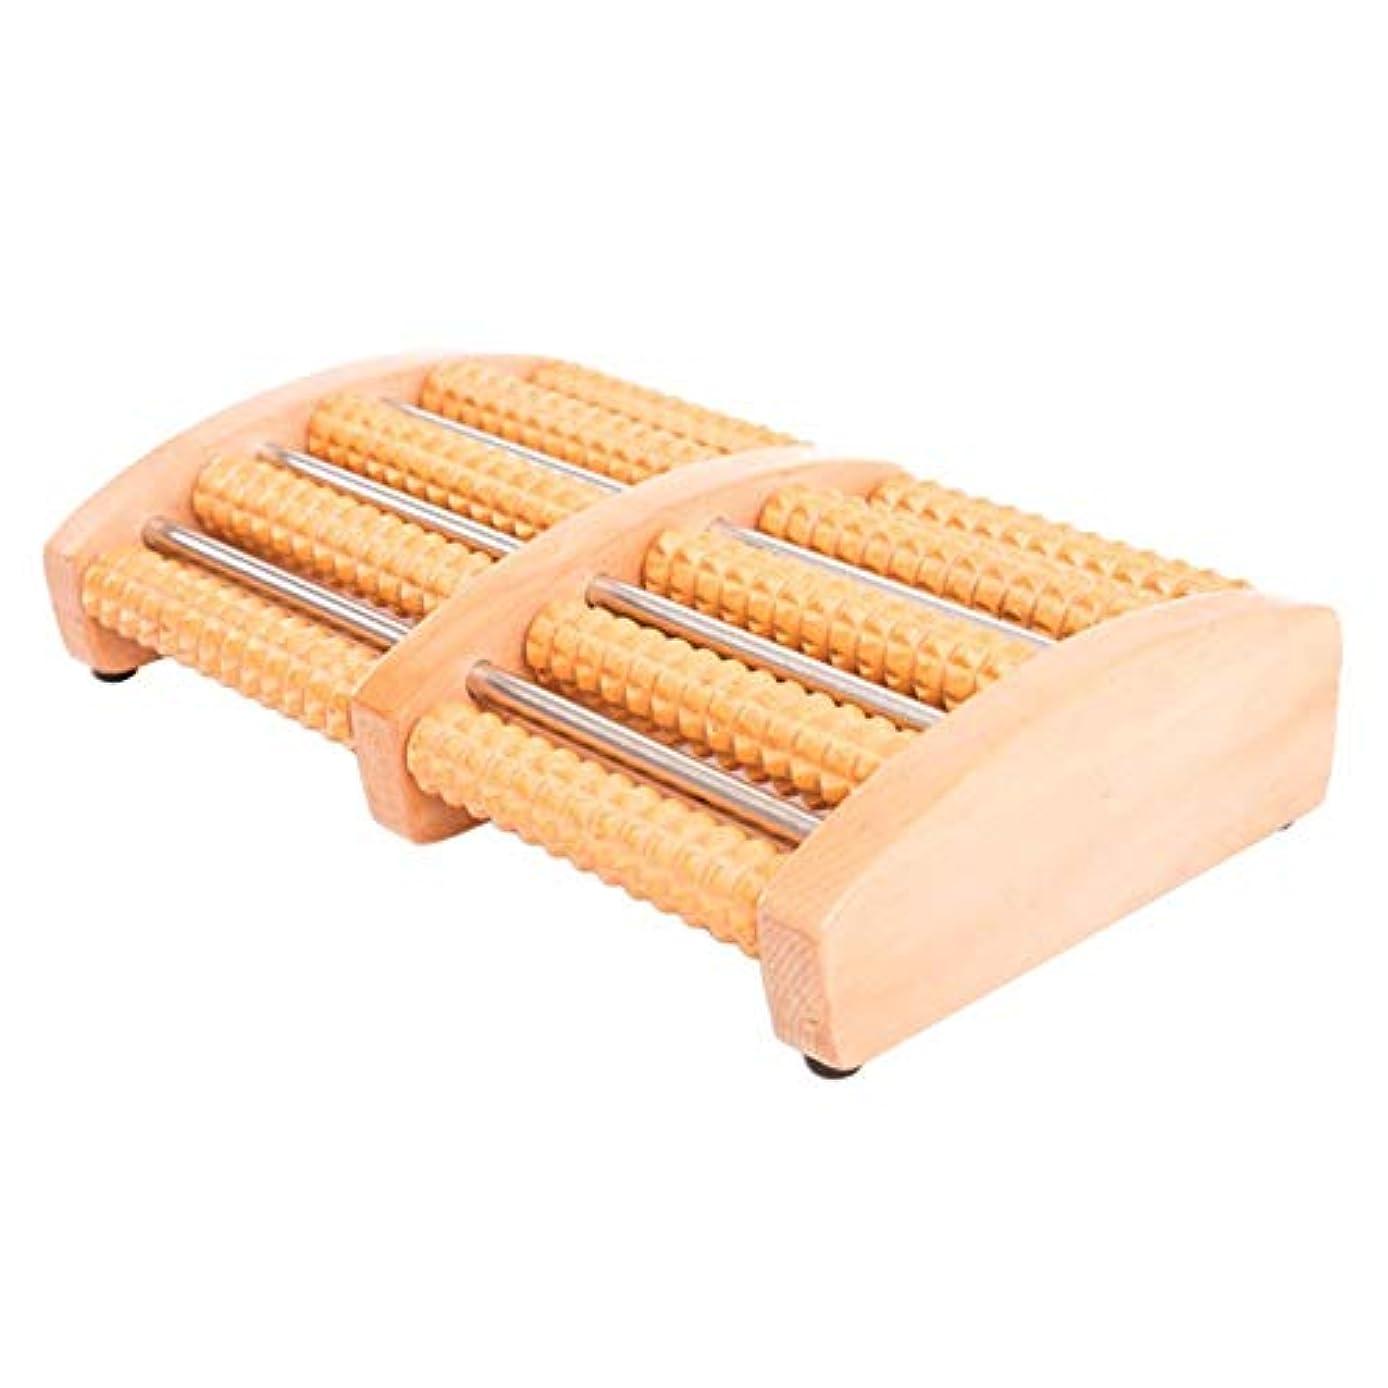 マンモス処方偽造Coldwhite フットマッサージローラー、足のアーチの痛みと足底筋膜炎筋肉ローラースティック、リラクゼーションとストレス解消のための指圧リフレクソロジーツール(木製ローラー)